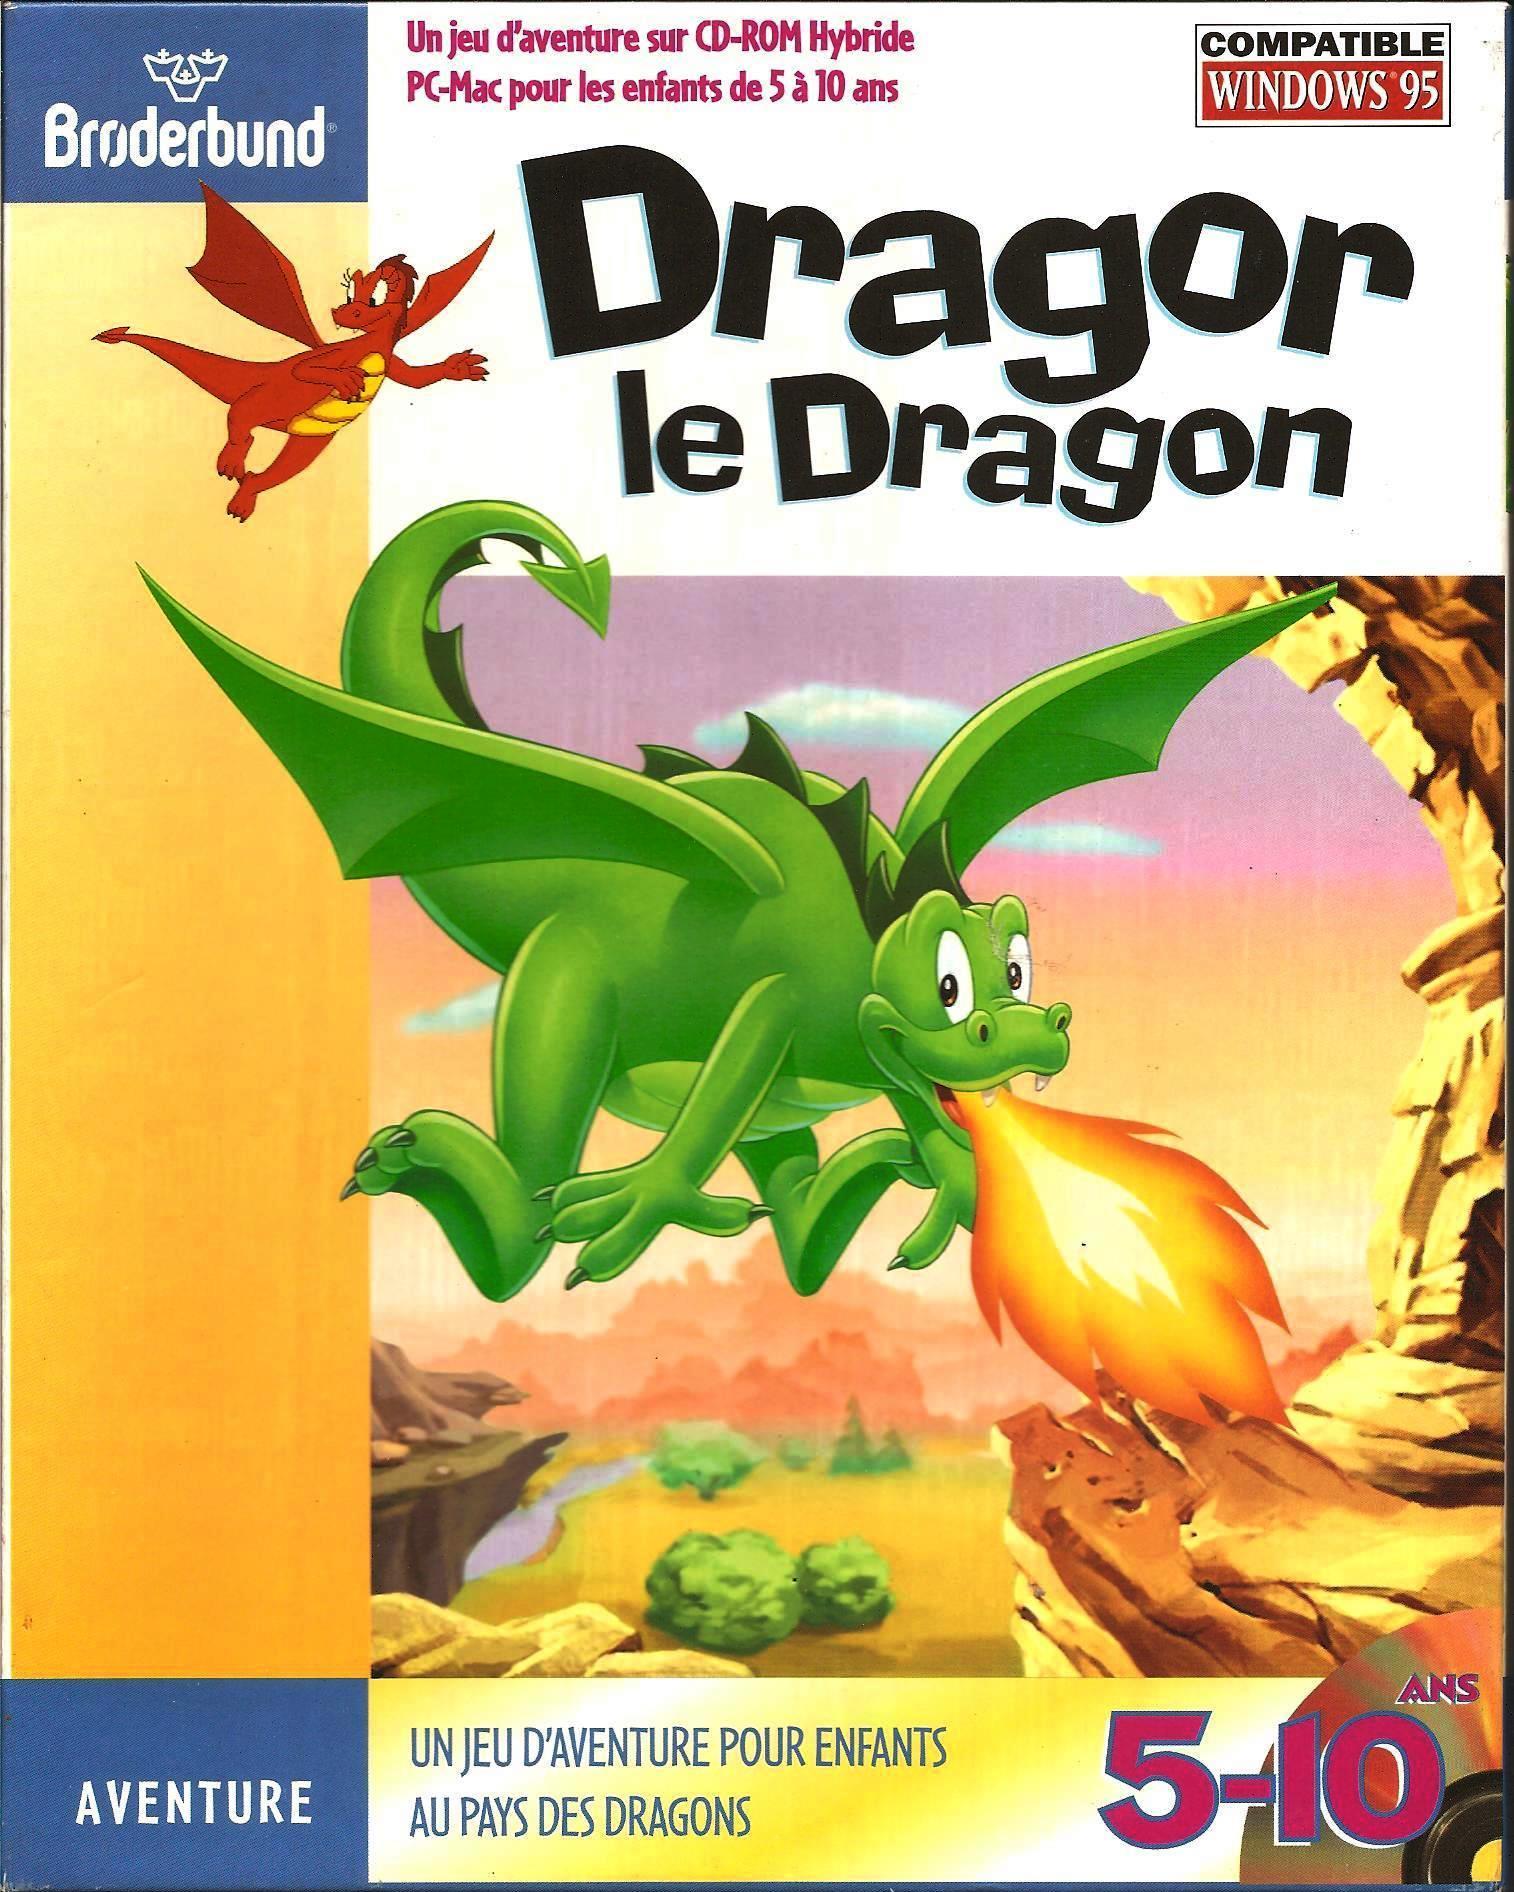 Dragor Le Dragon - Planète Aventure dedans Jeux Enfant Sur Pc